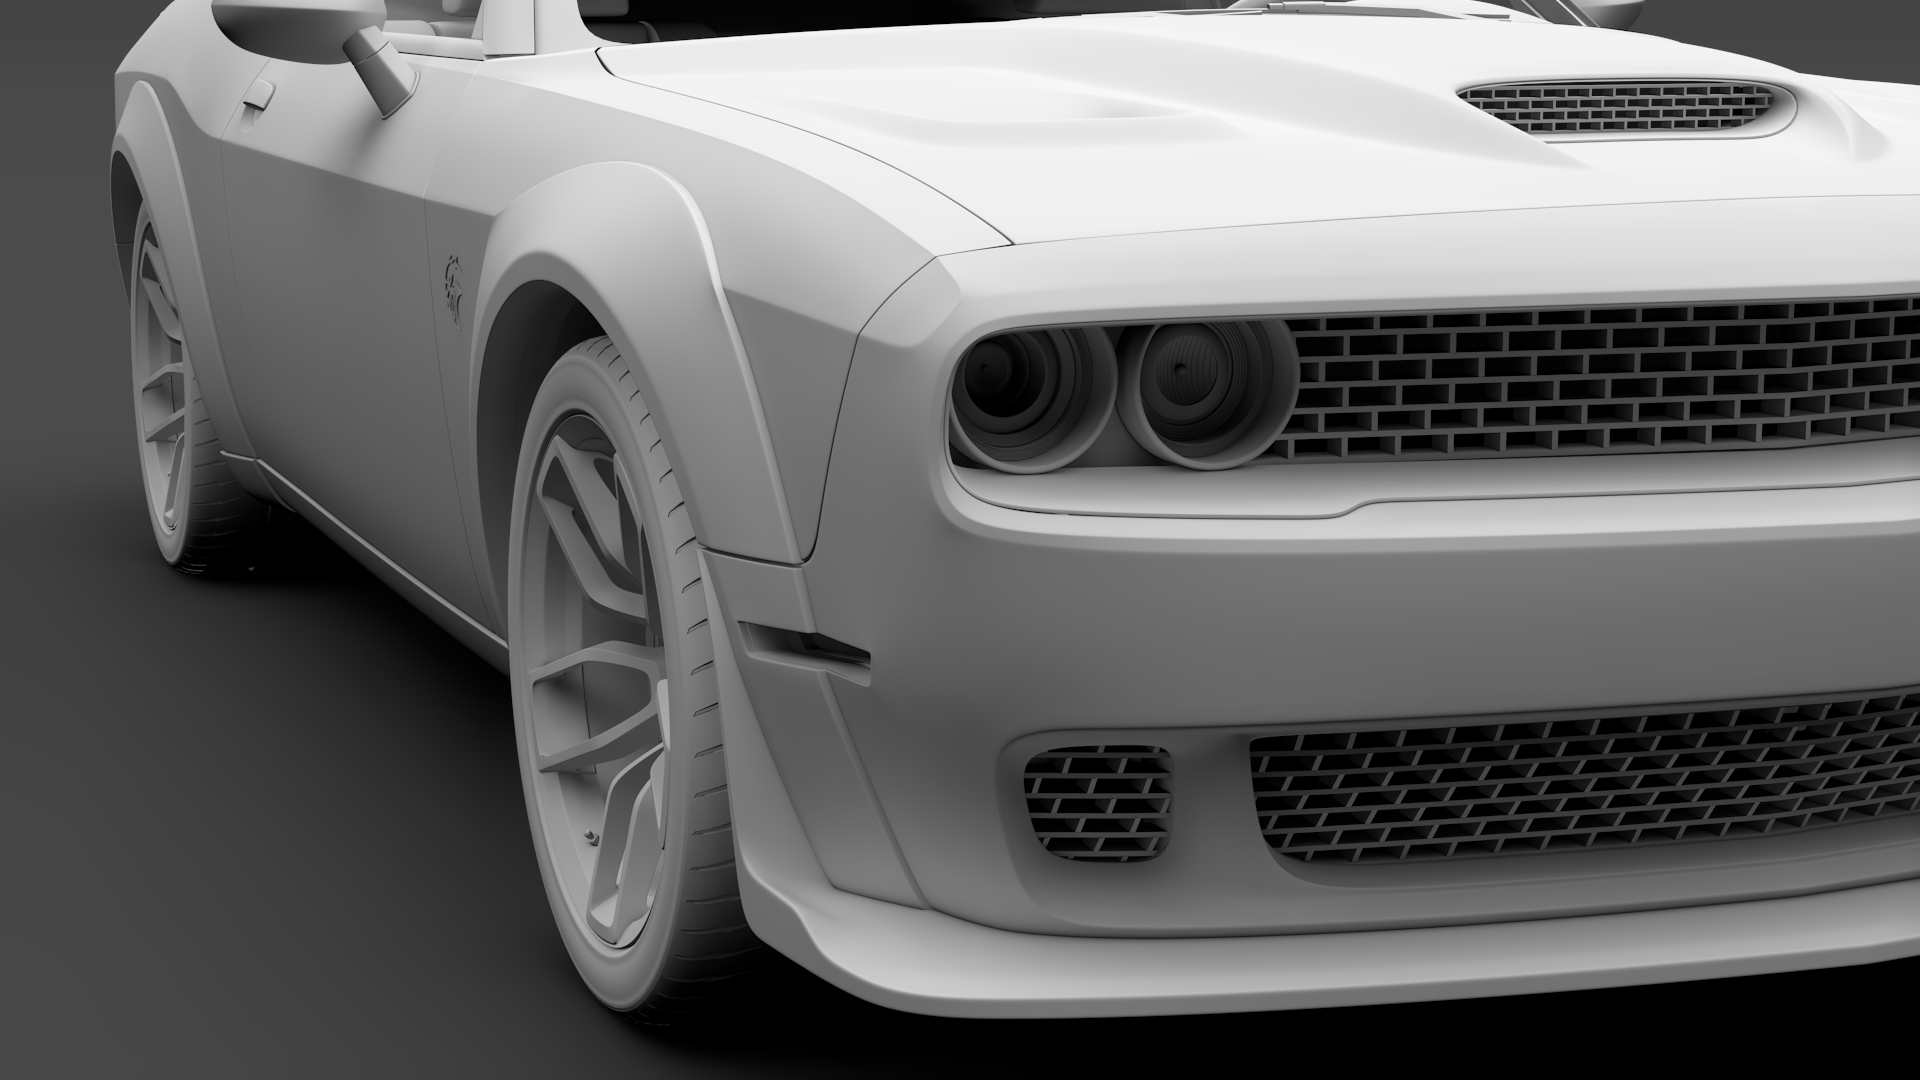 Dodge Challenger Srt Hellcat Widebody 2018 3d Model